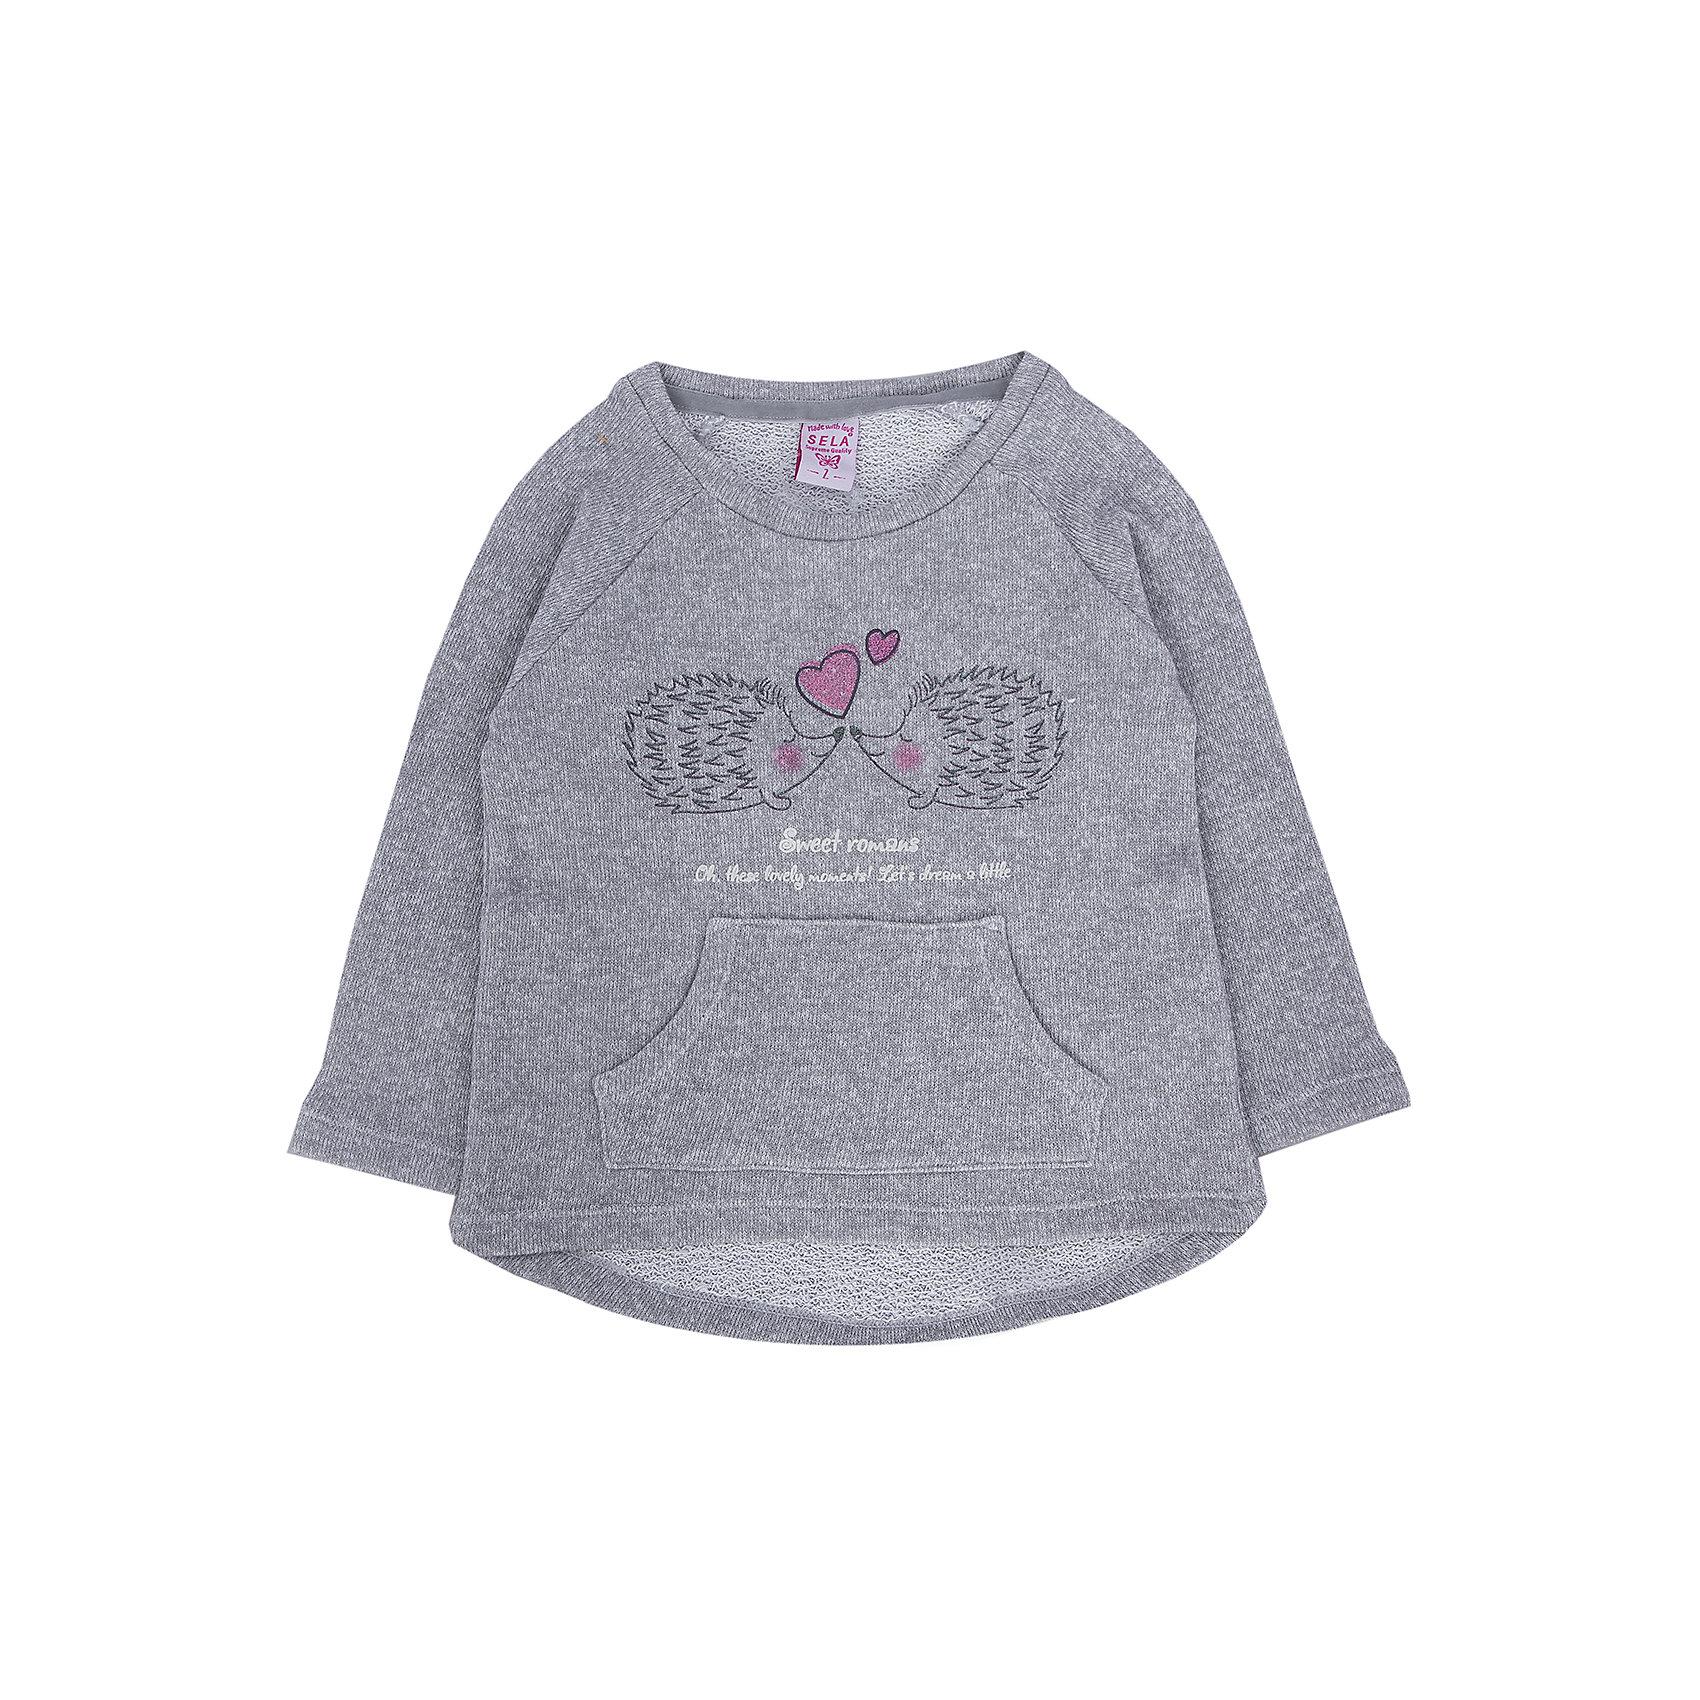 Джемпер для девочки SELAМилый хлопковый джемпер будет замечательным сюрпризом для юной модницы.<br>Спереди на джемпере есть маленький рисунок, который никого не оставит равнодушным,  а так же у него слегка удлинена спинка.<br><br>Дополнительная информация:<br><br>- Рукав - реглан, прямой крой.<br>- Цвет: серый.<br>- Состав: 70% хлопок, 30% ПЭ.<br>- Бренд: SELA<br><br>Купить джемпер для девочки от SELA можно в нашем магазине.<br><br>Ширина мм: 190<br>Глубина мм: 74<br>Высота мм: 229<br>Вес г: 236<br>Цвет: серый<br>Возраст от месяцев: 60<br>Возраст до месяцев: 72<br>Пол: Женский<br>Возраст: Детский<br>Размер: 116,92,98,104,110<br>SKU: 4883689